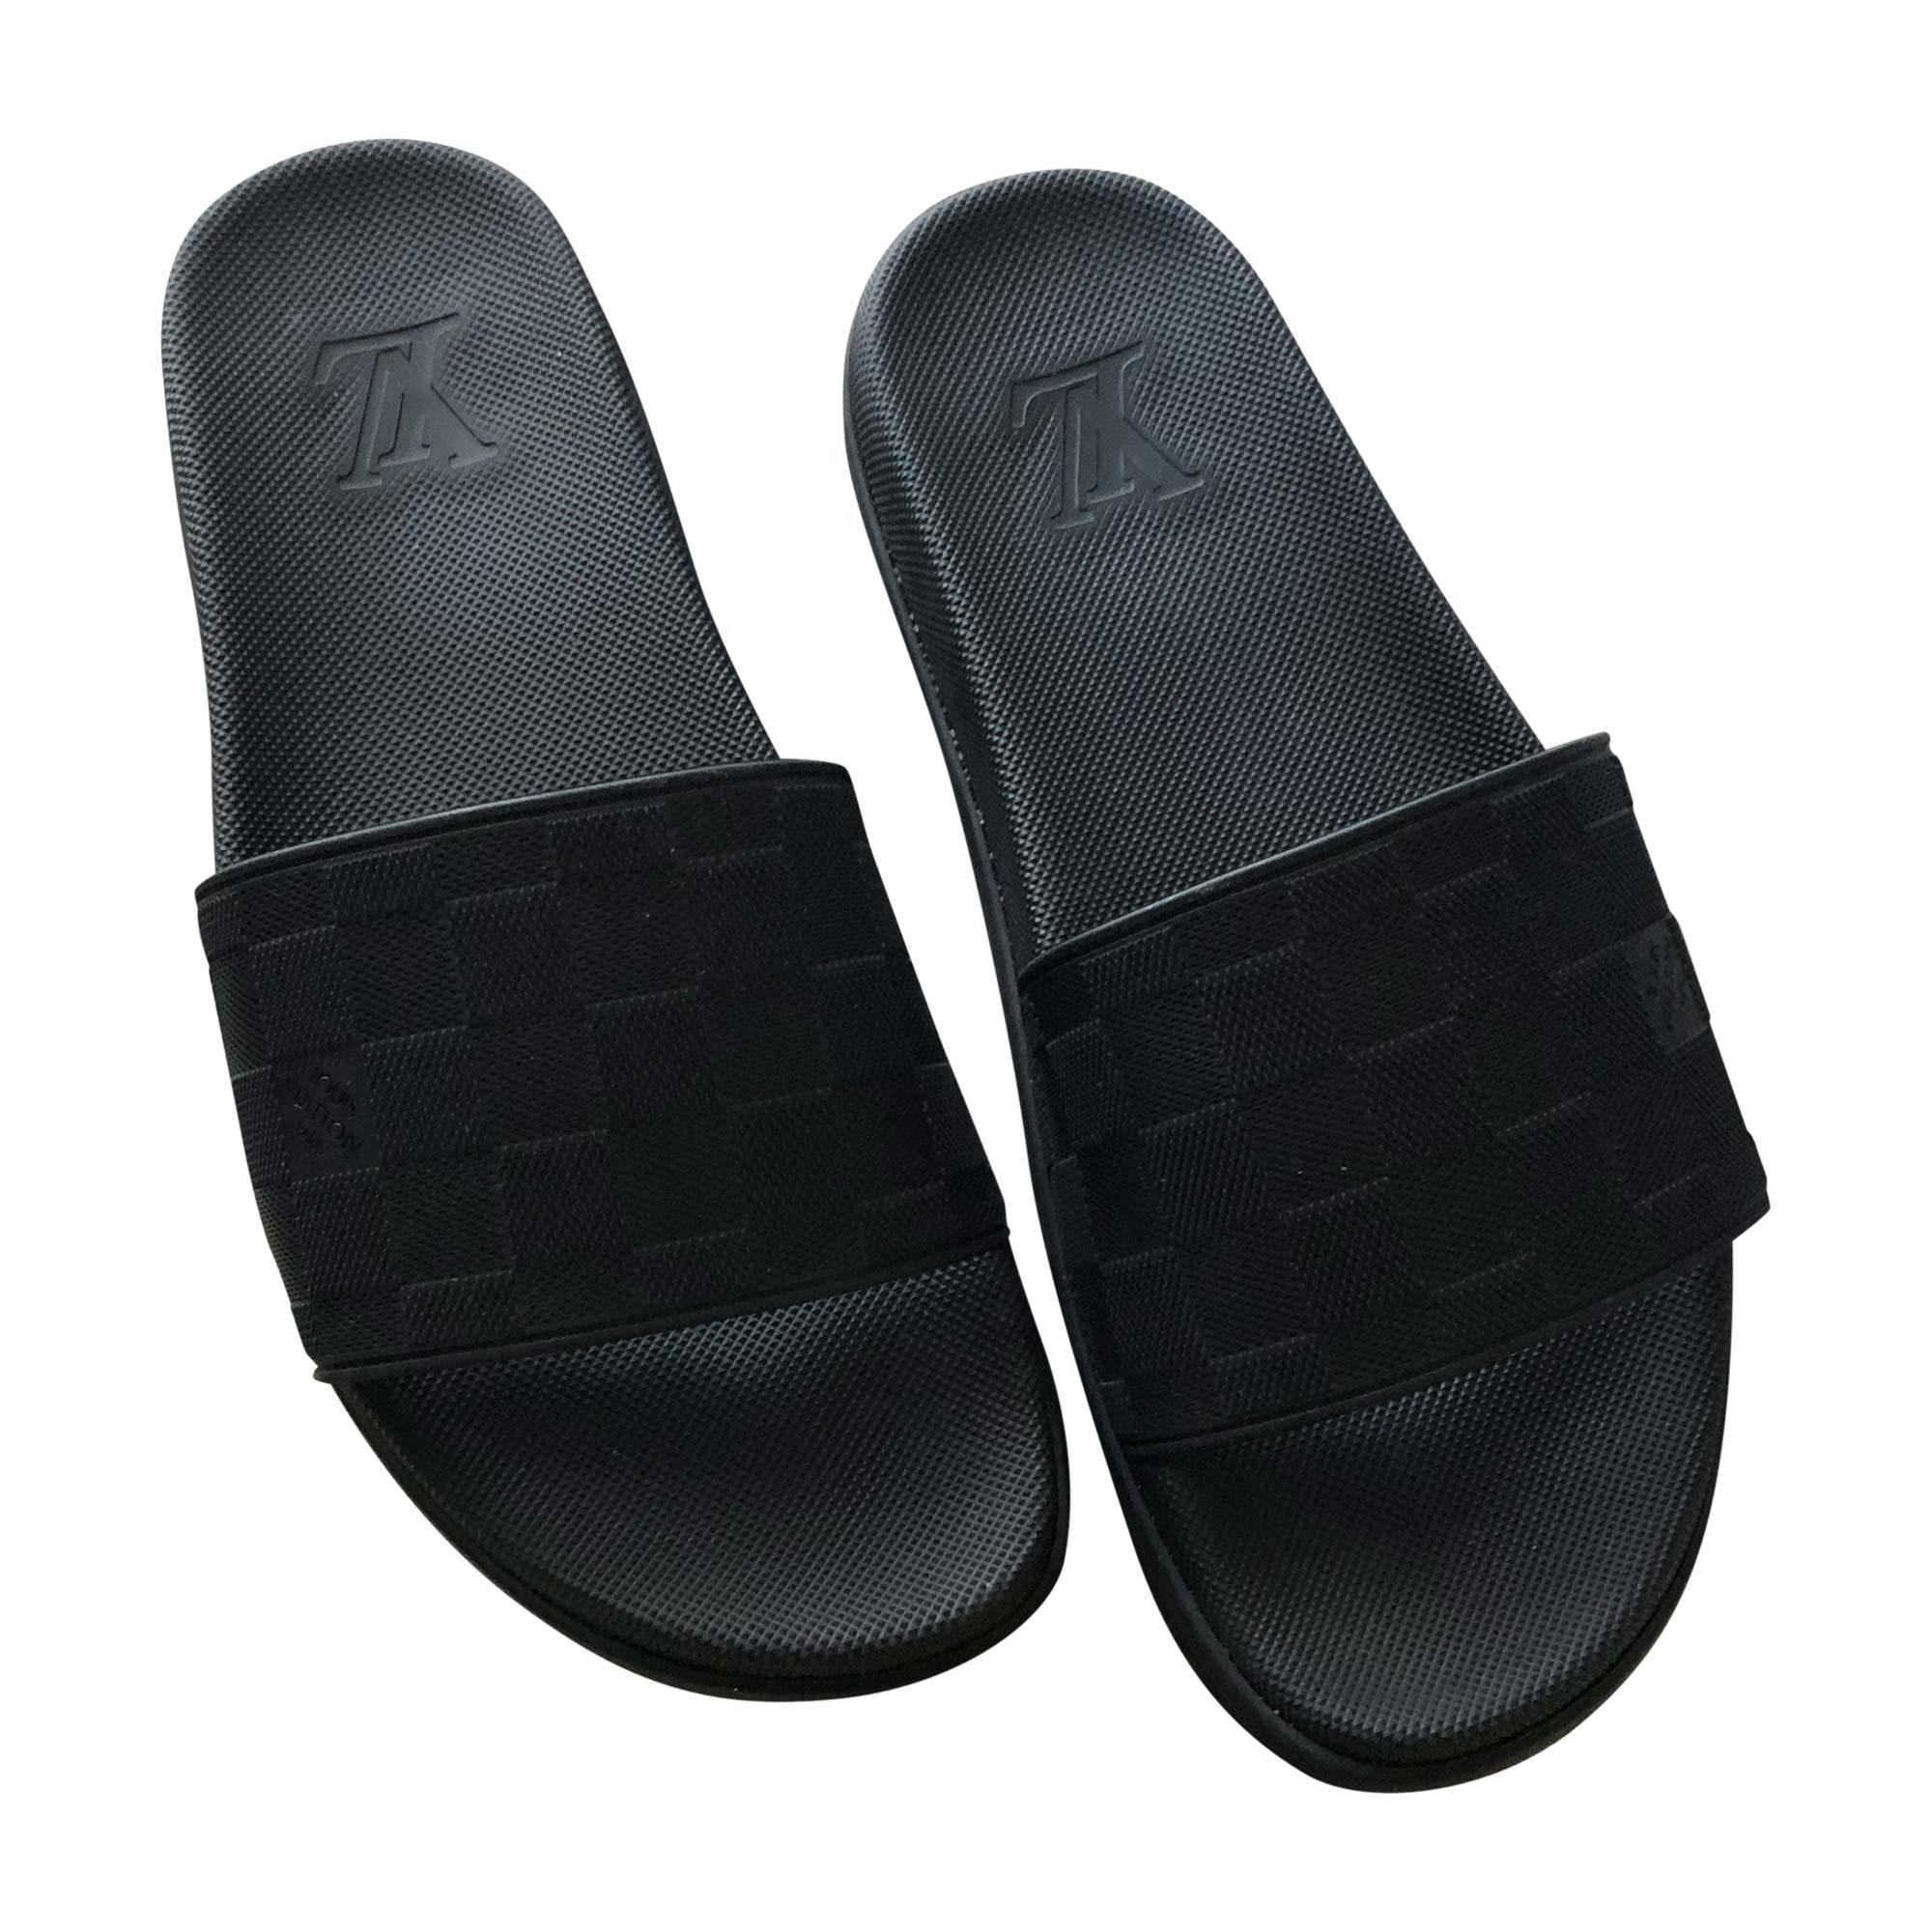 931c1c4421009d Sandals LOUIS VUITTON Black